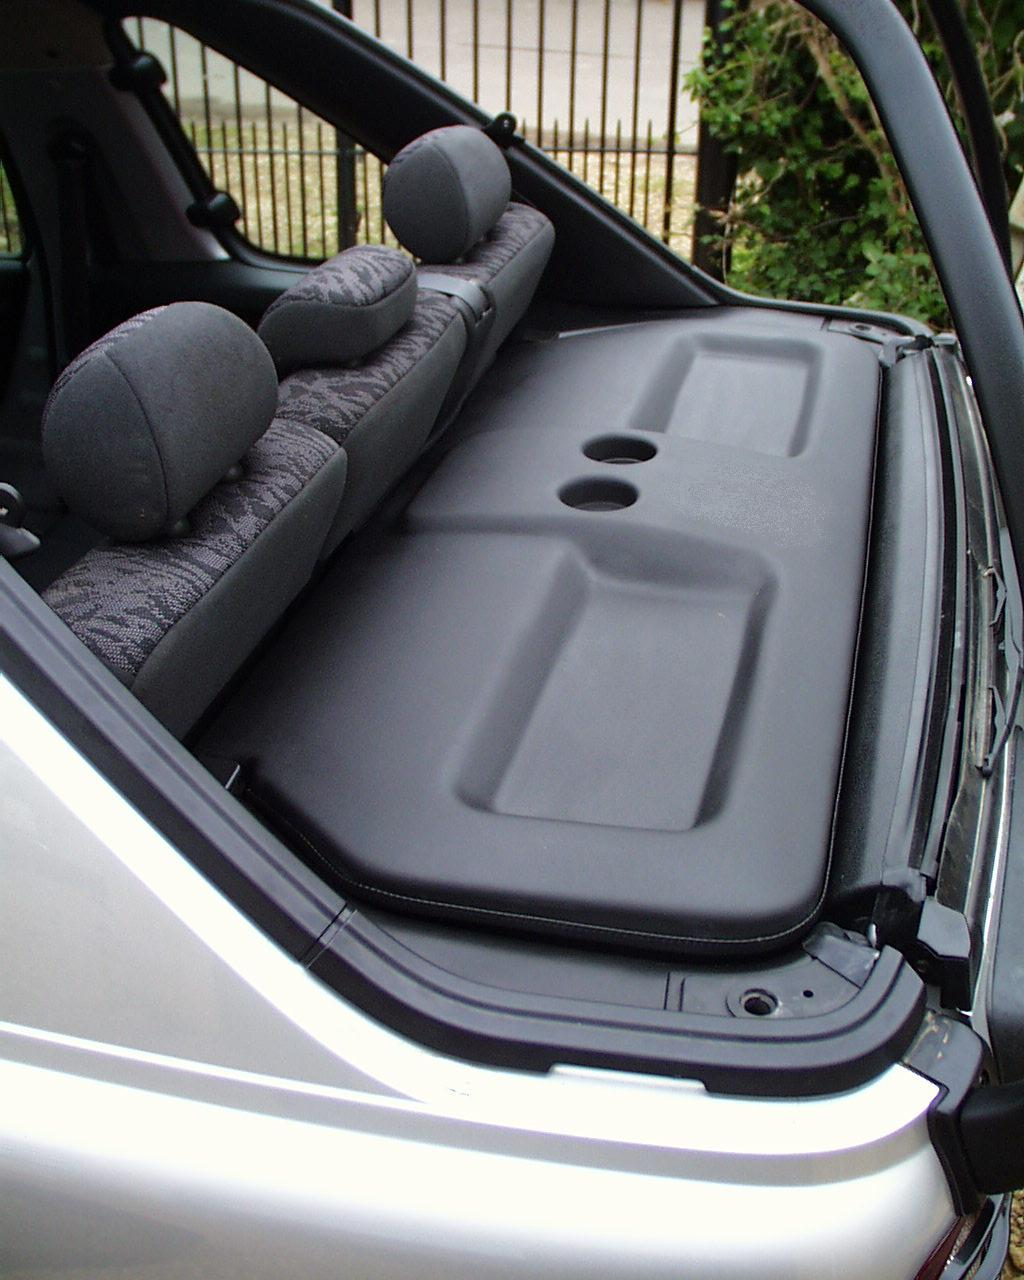 Land Rover Freelander 1: Load Space Cover Parcel Shelf For Land Rover Freelander 1